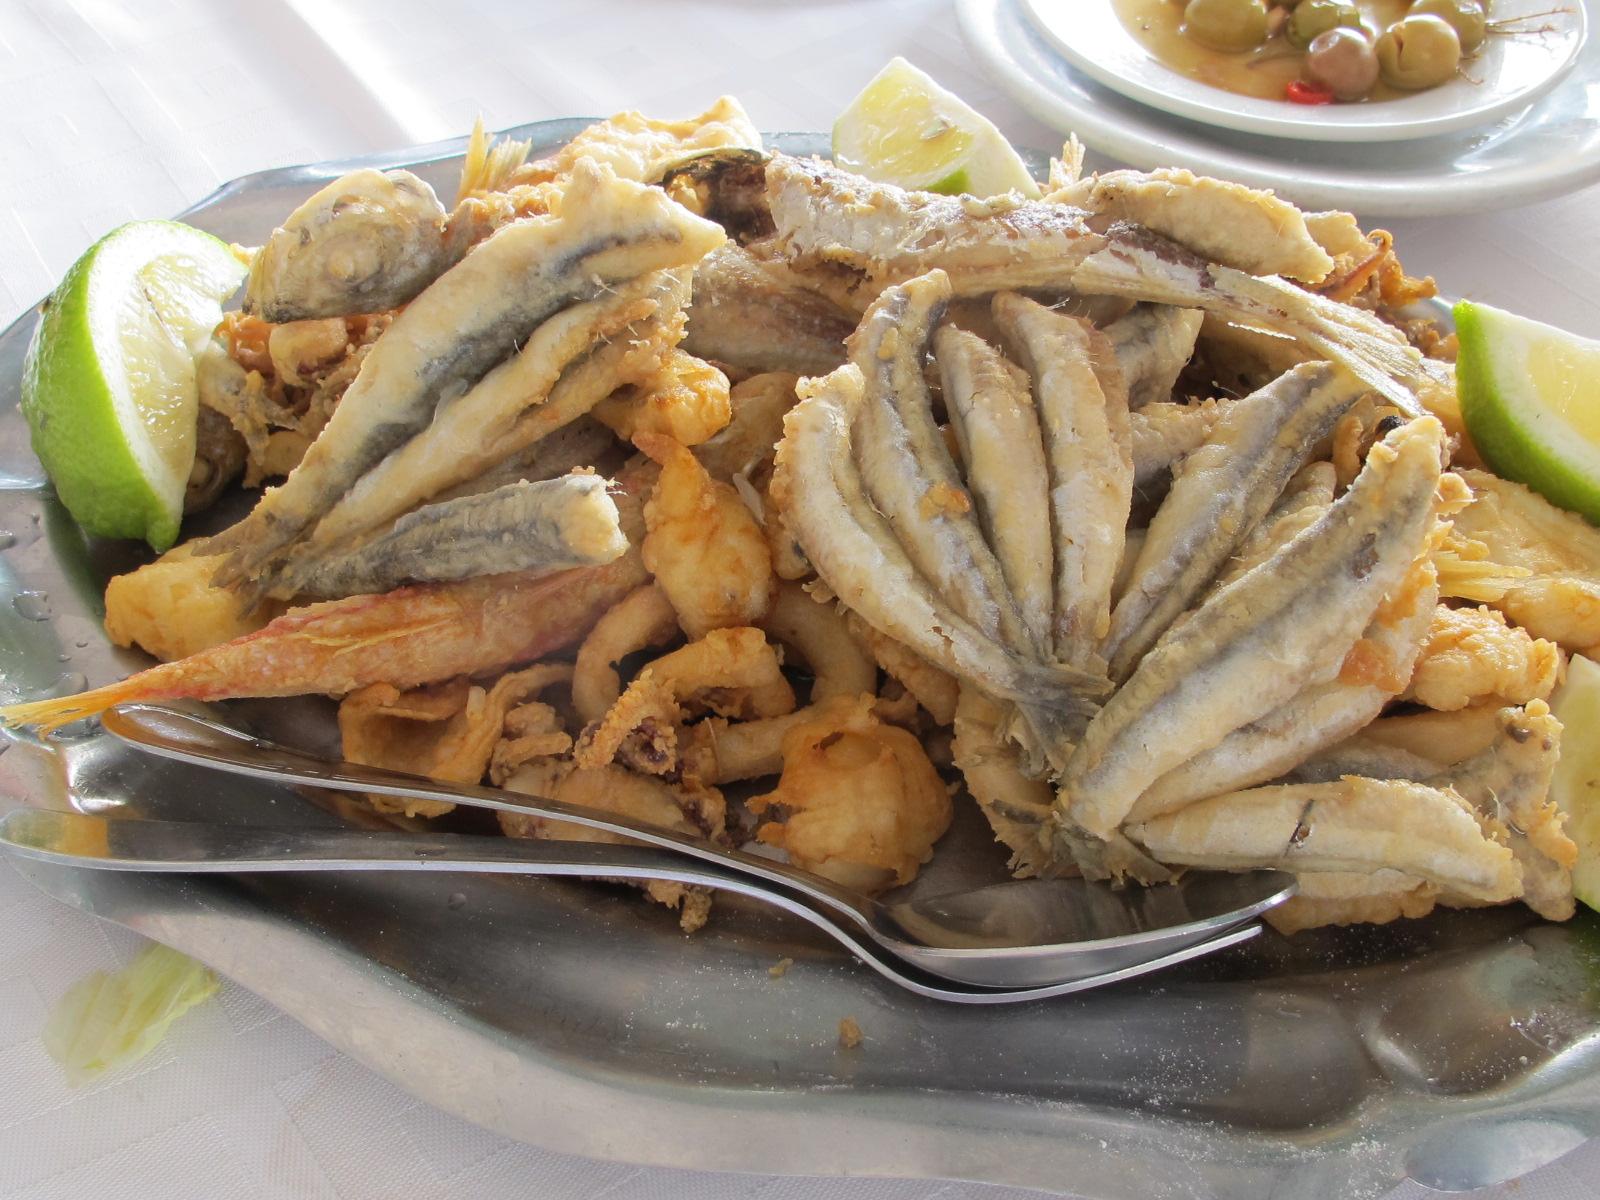 fried fish at El Palo - photo @SandraDanby